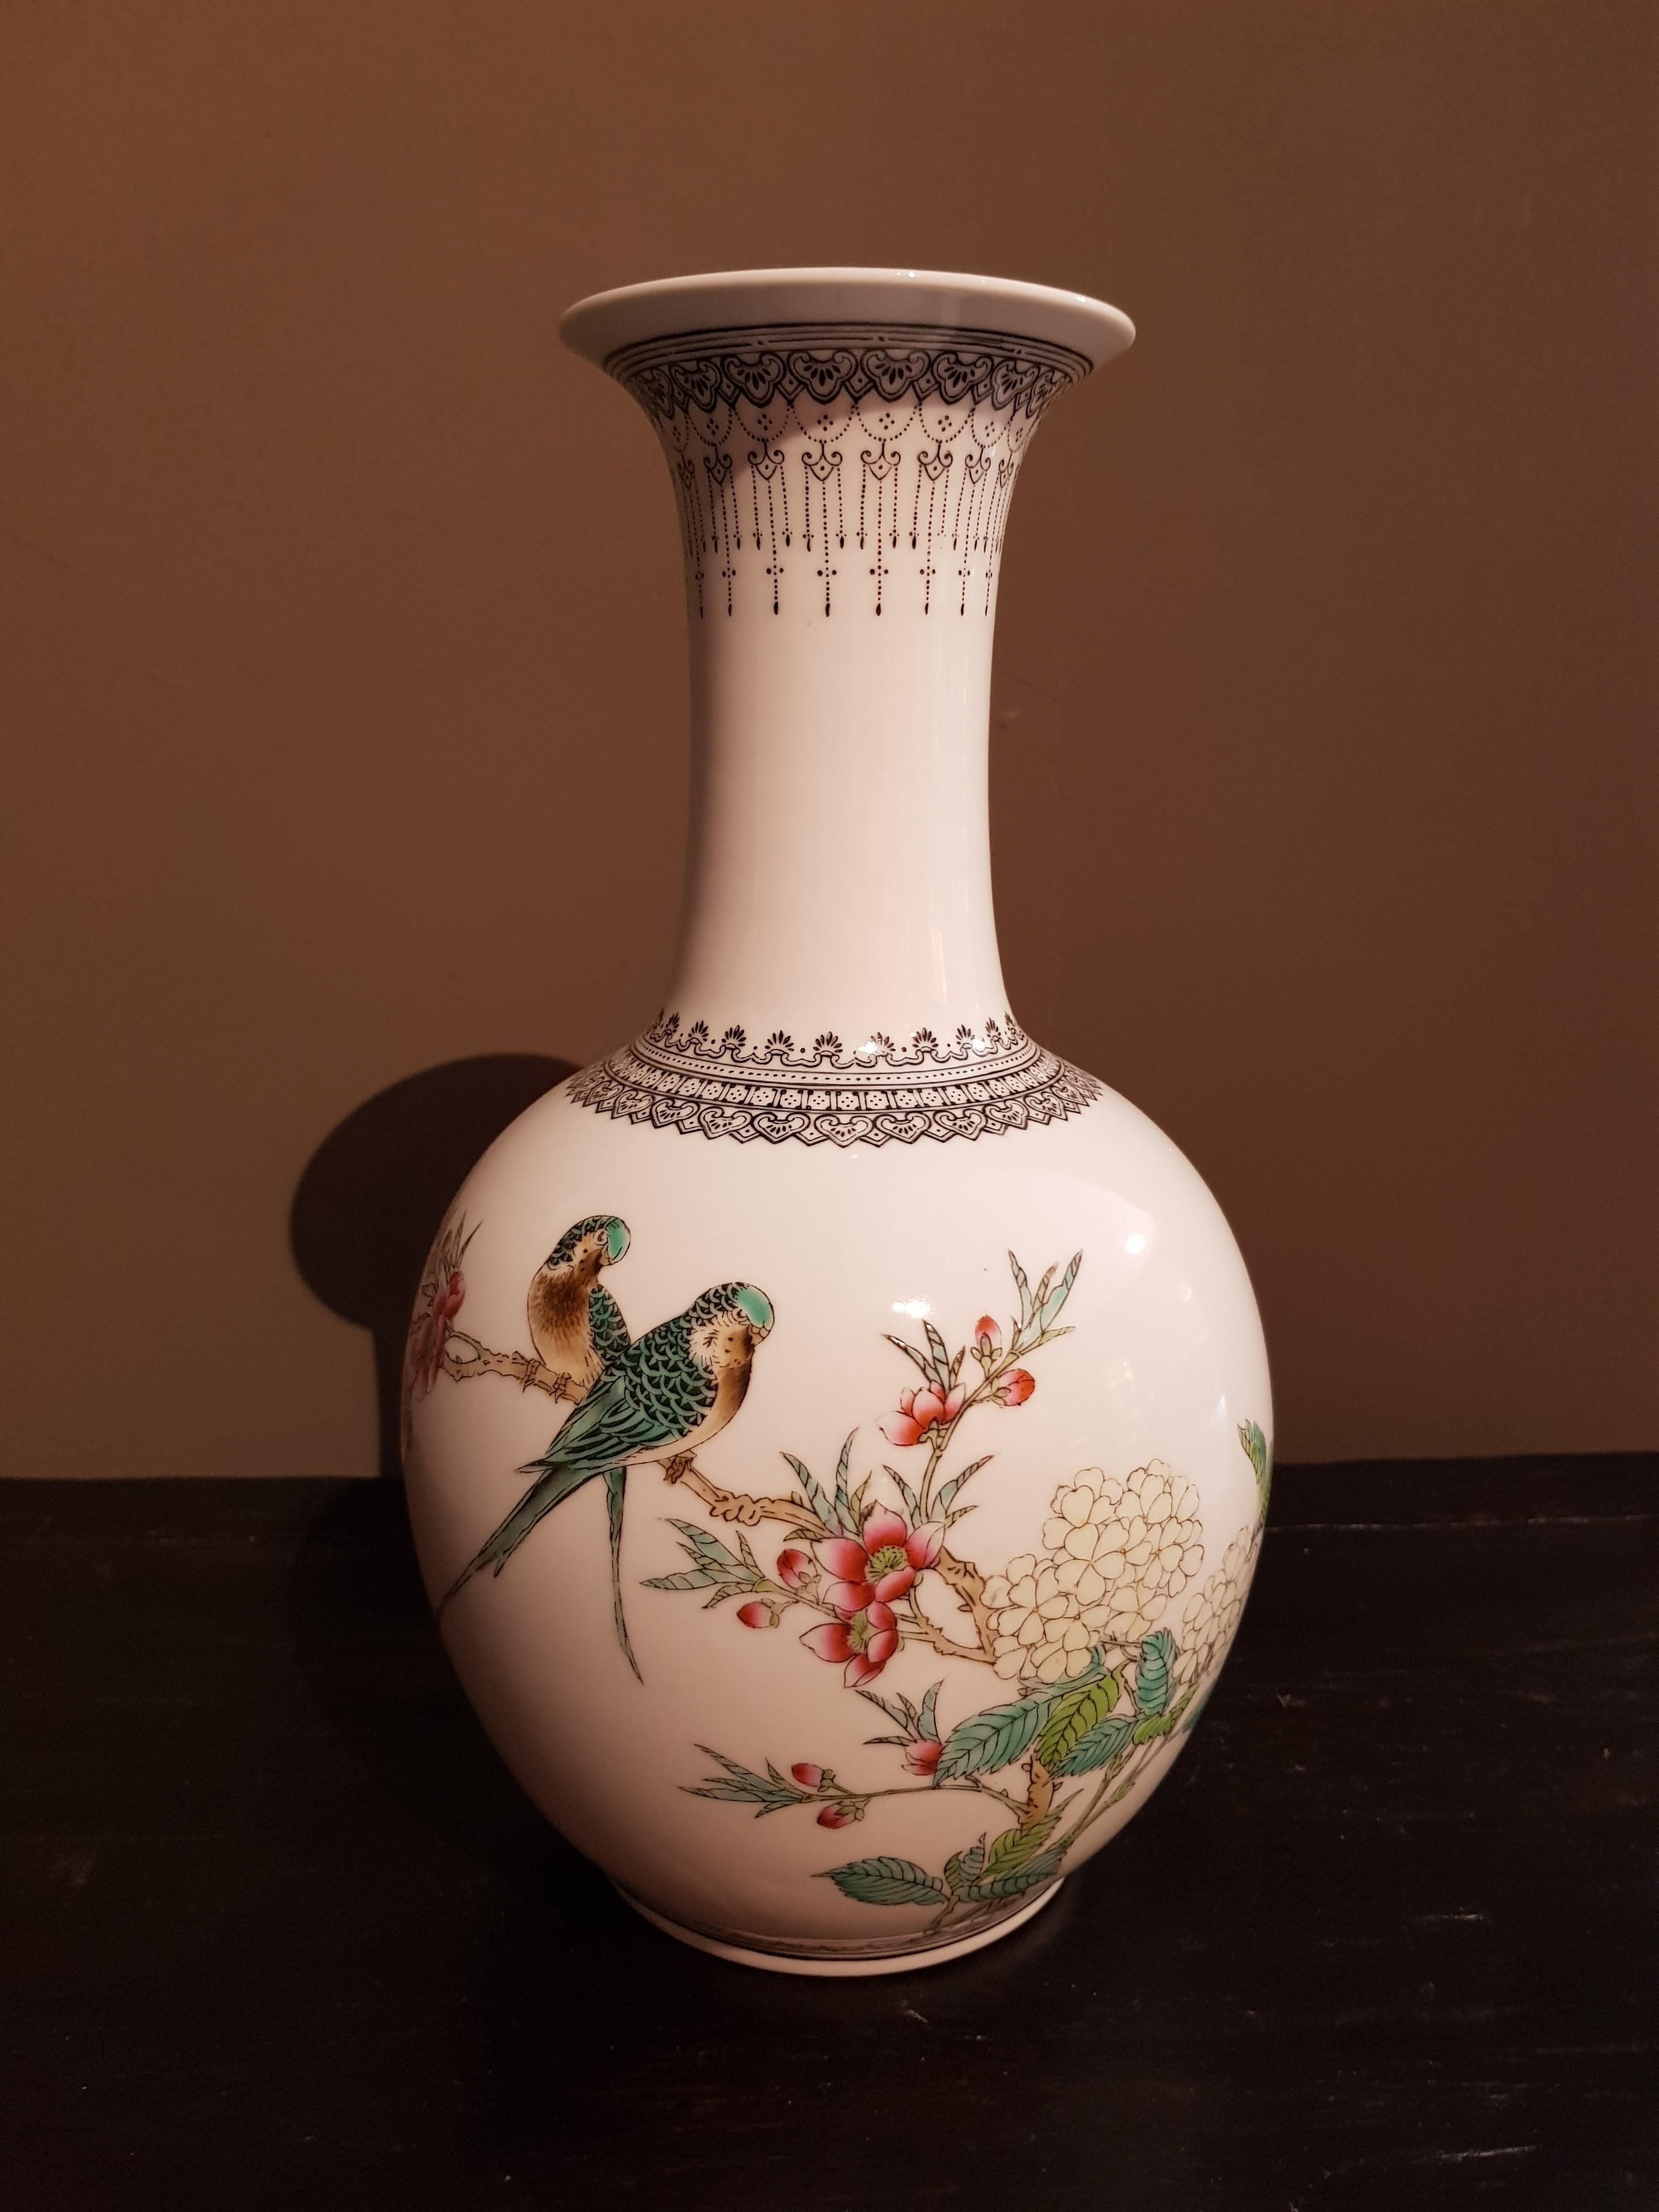 Vase en Porcelaine de Chine - Famille Rose - Période République(1) - VENDU Image